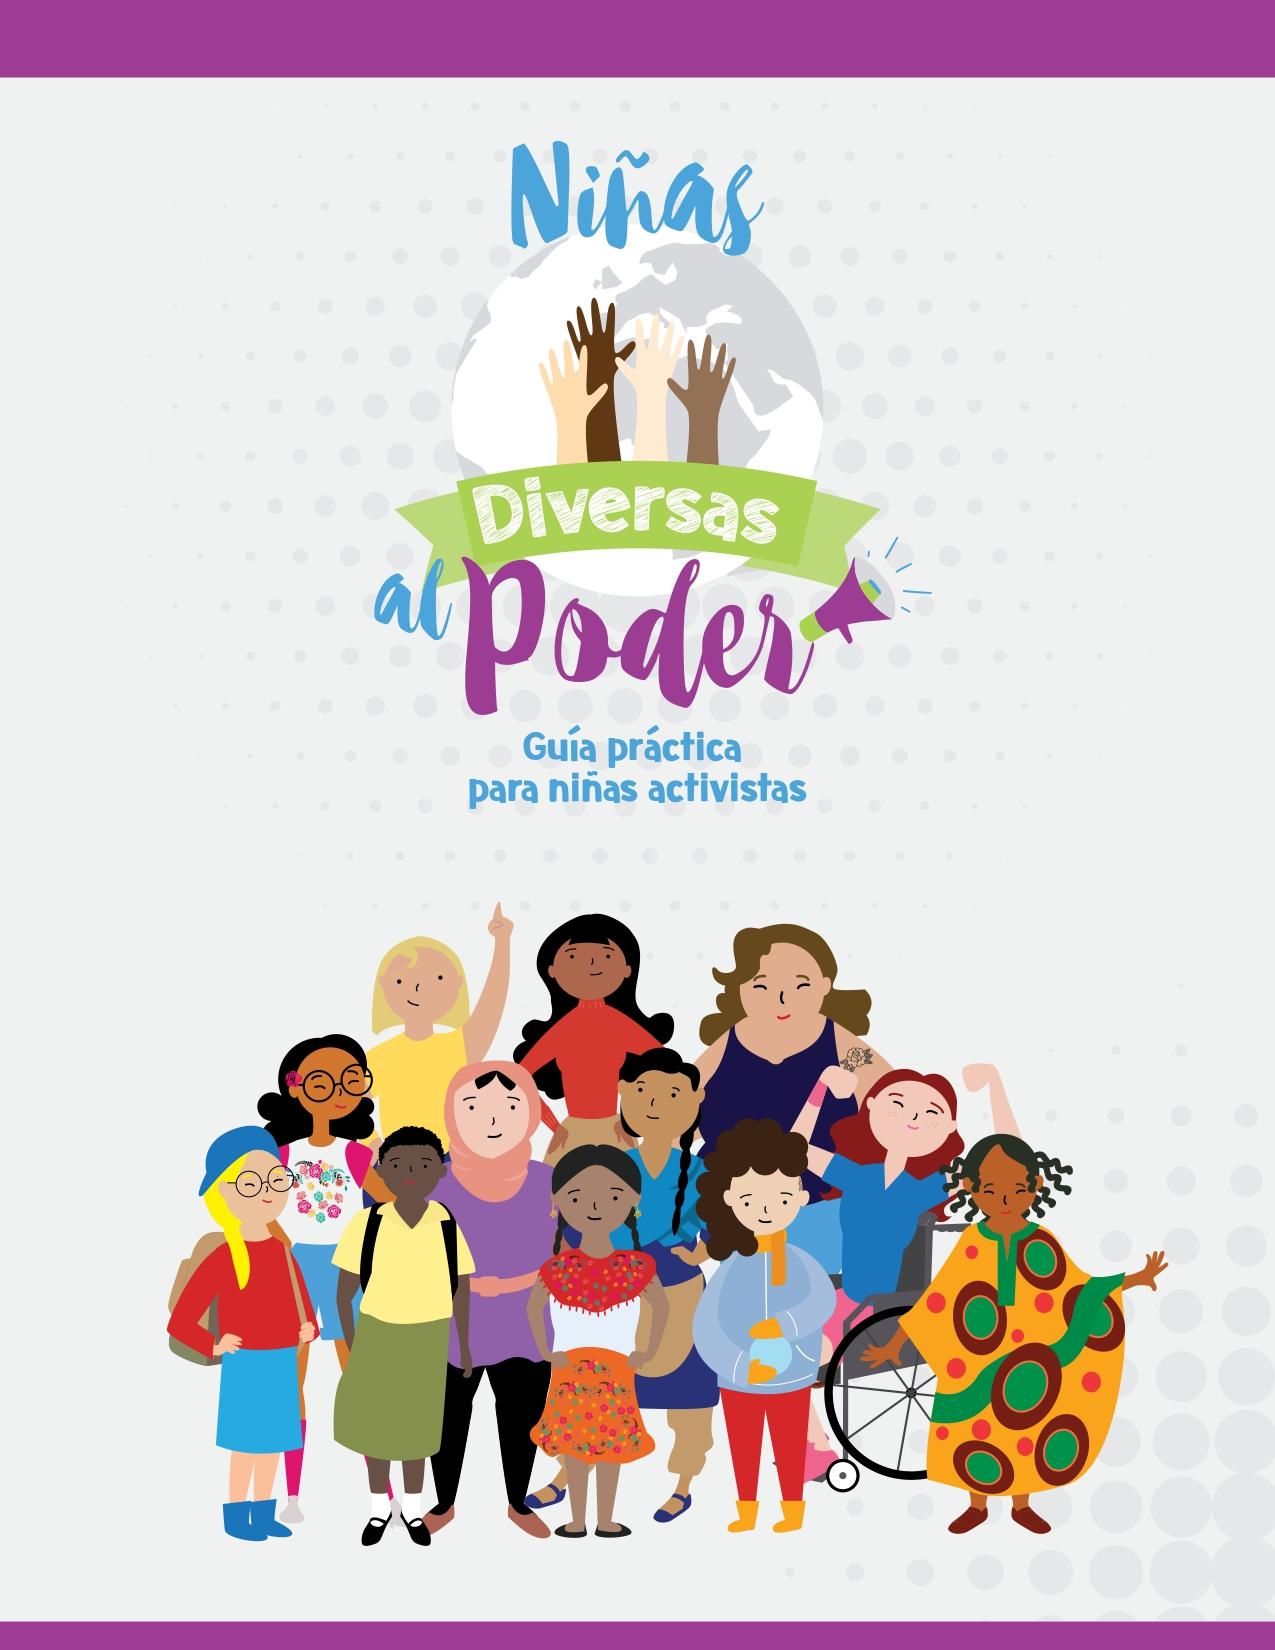 Niñas diversas al poder: Guía práctica para niñas activistas